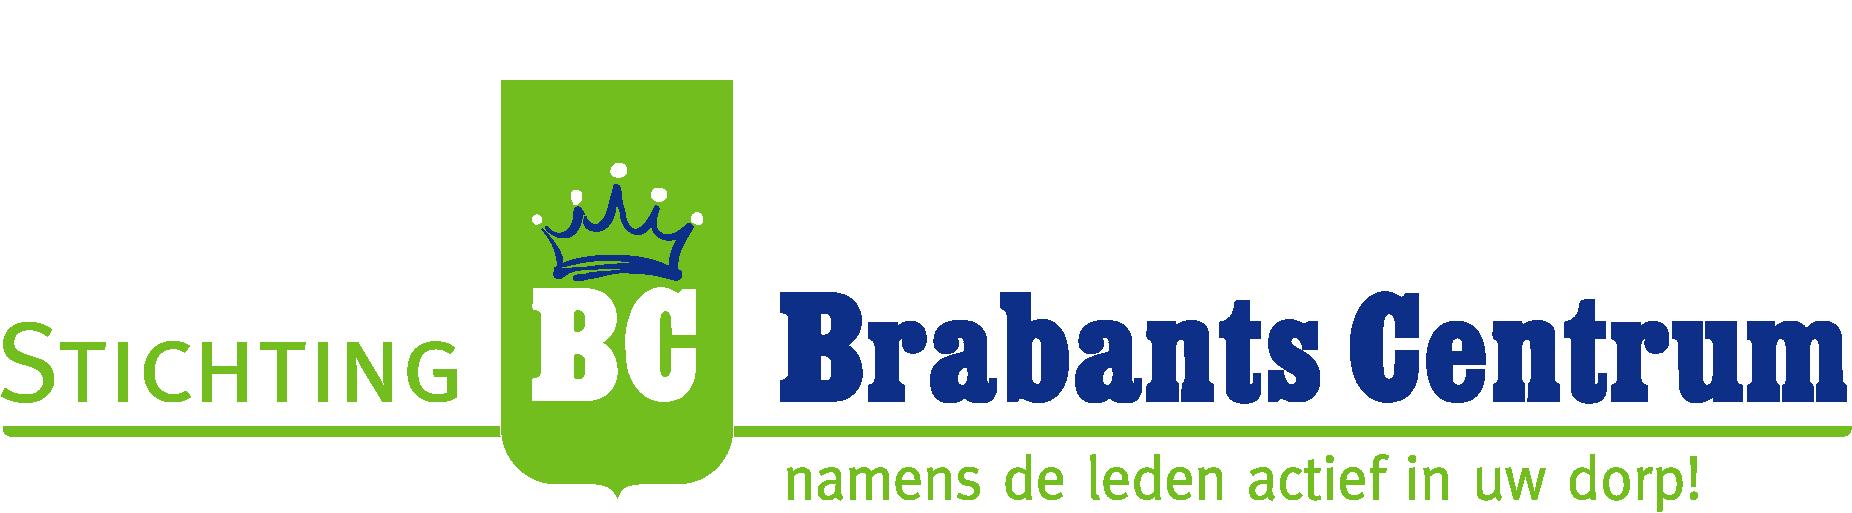 Logo pubble.nl